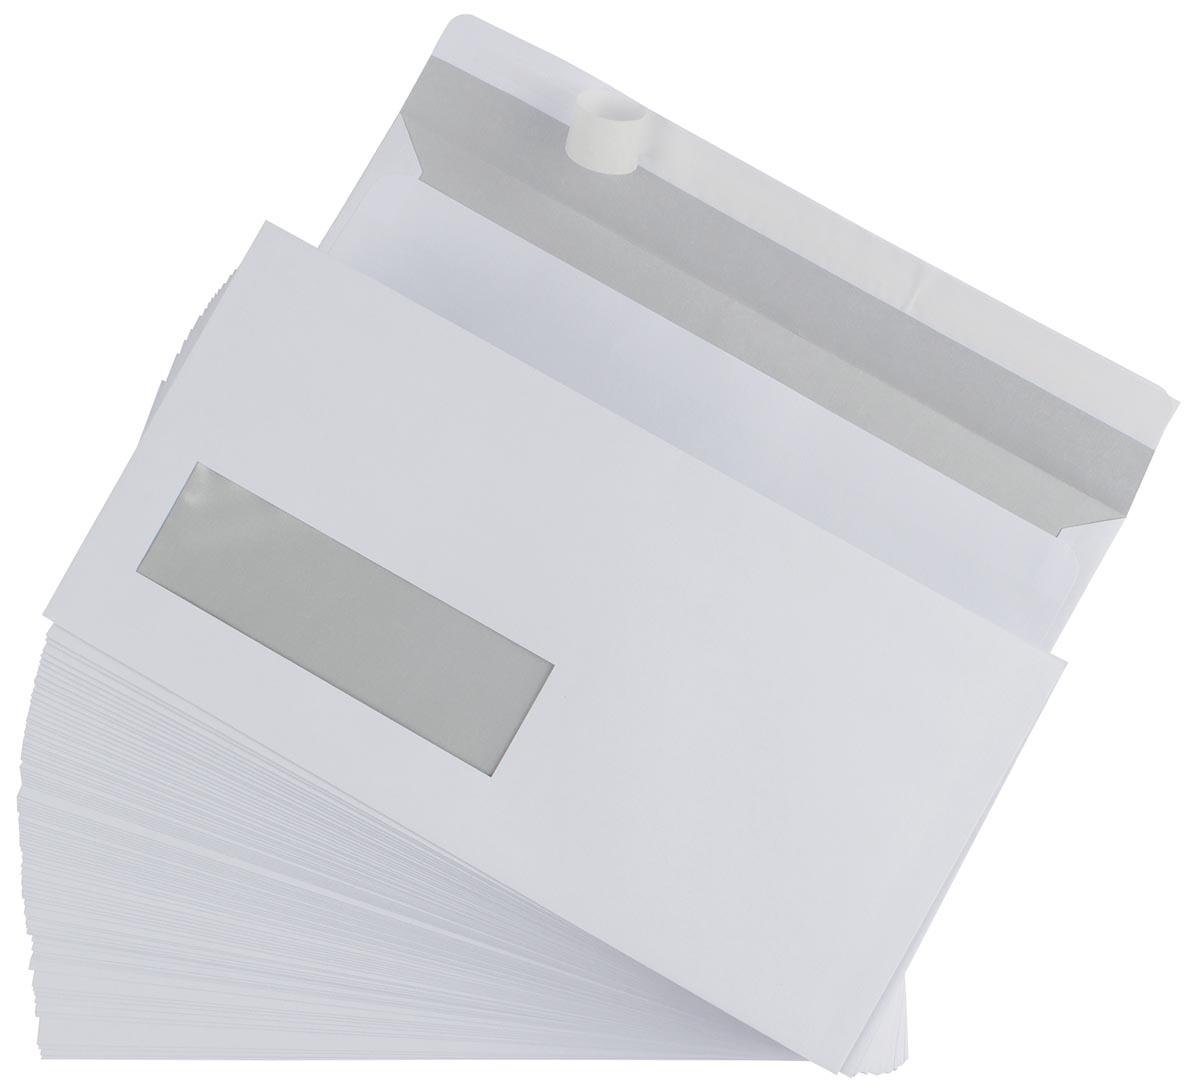 Gallery enveloppen ft 110 x 220 mm, venster links, stripsluiting, doos van 500 stuks